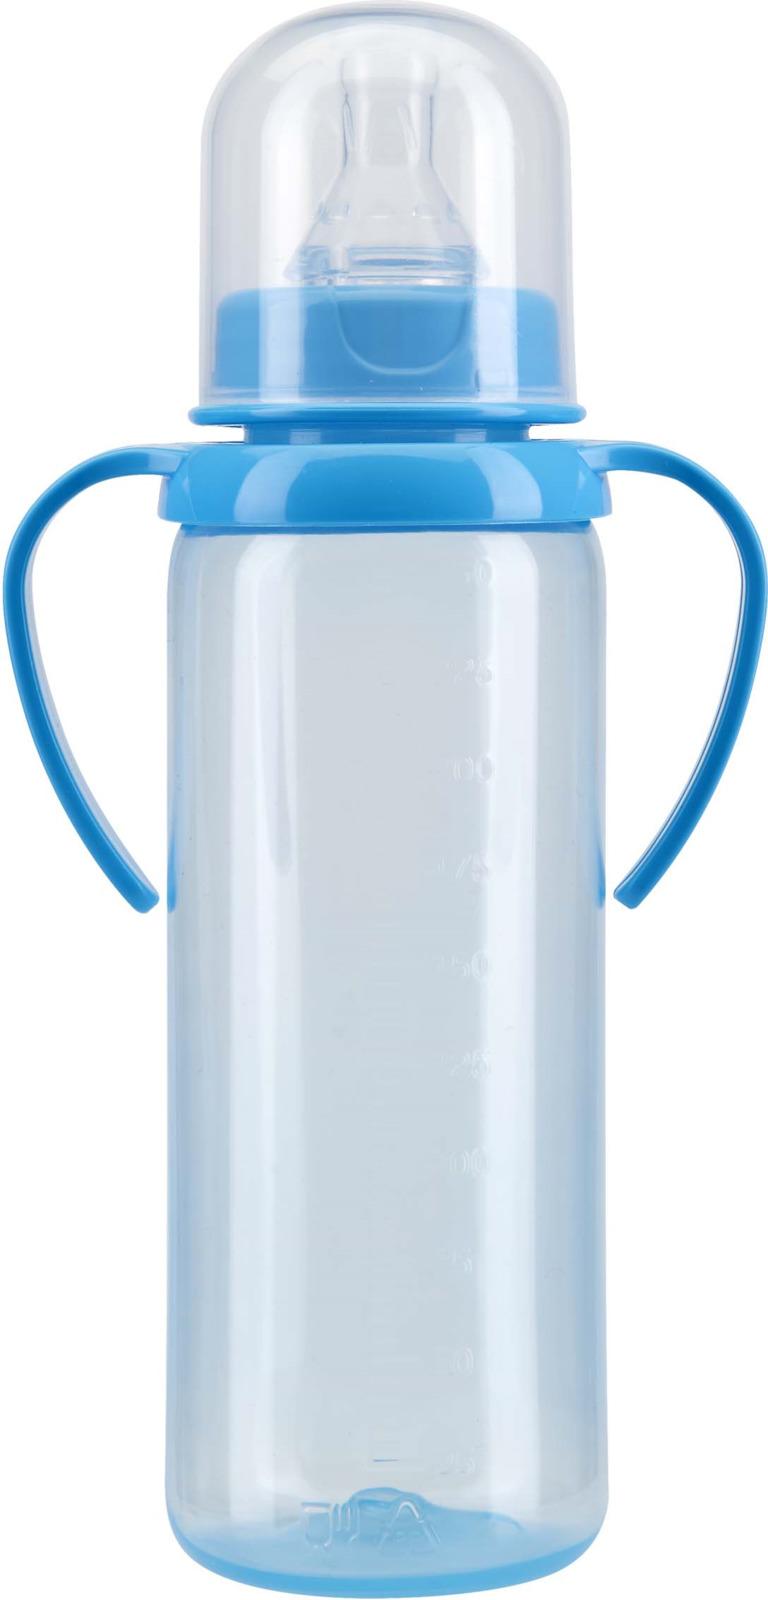 Бутылочка для кормления Курносики, с ручками, с соской, 11133, 250 мл курносики бутылочка п пропил с силик соской и ручками 125мл